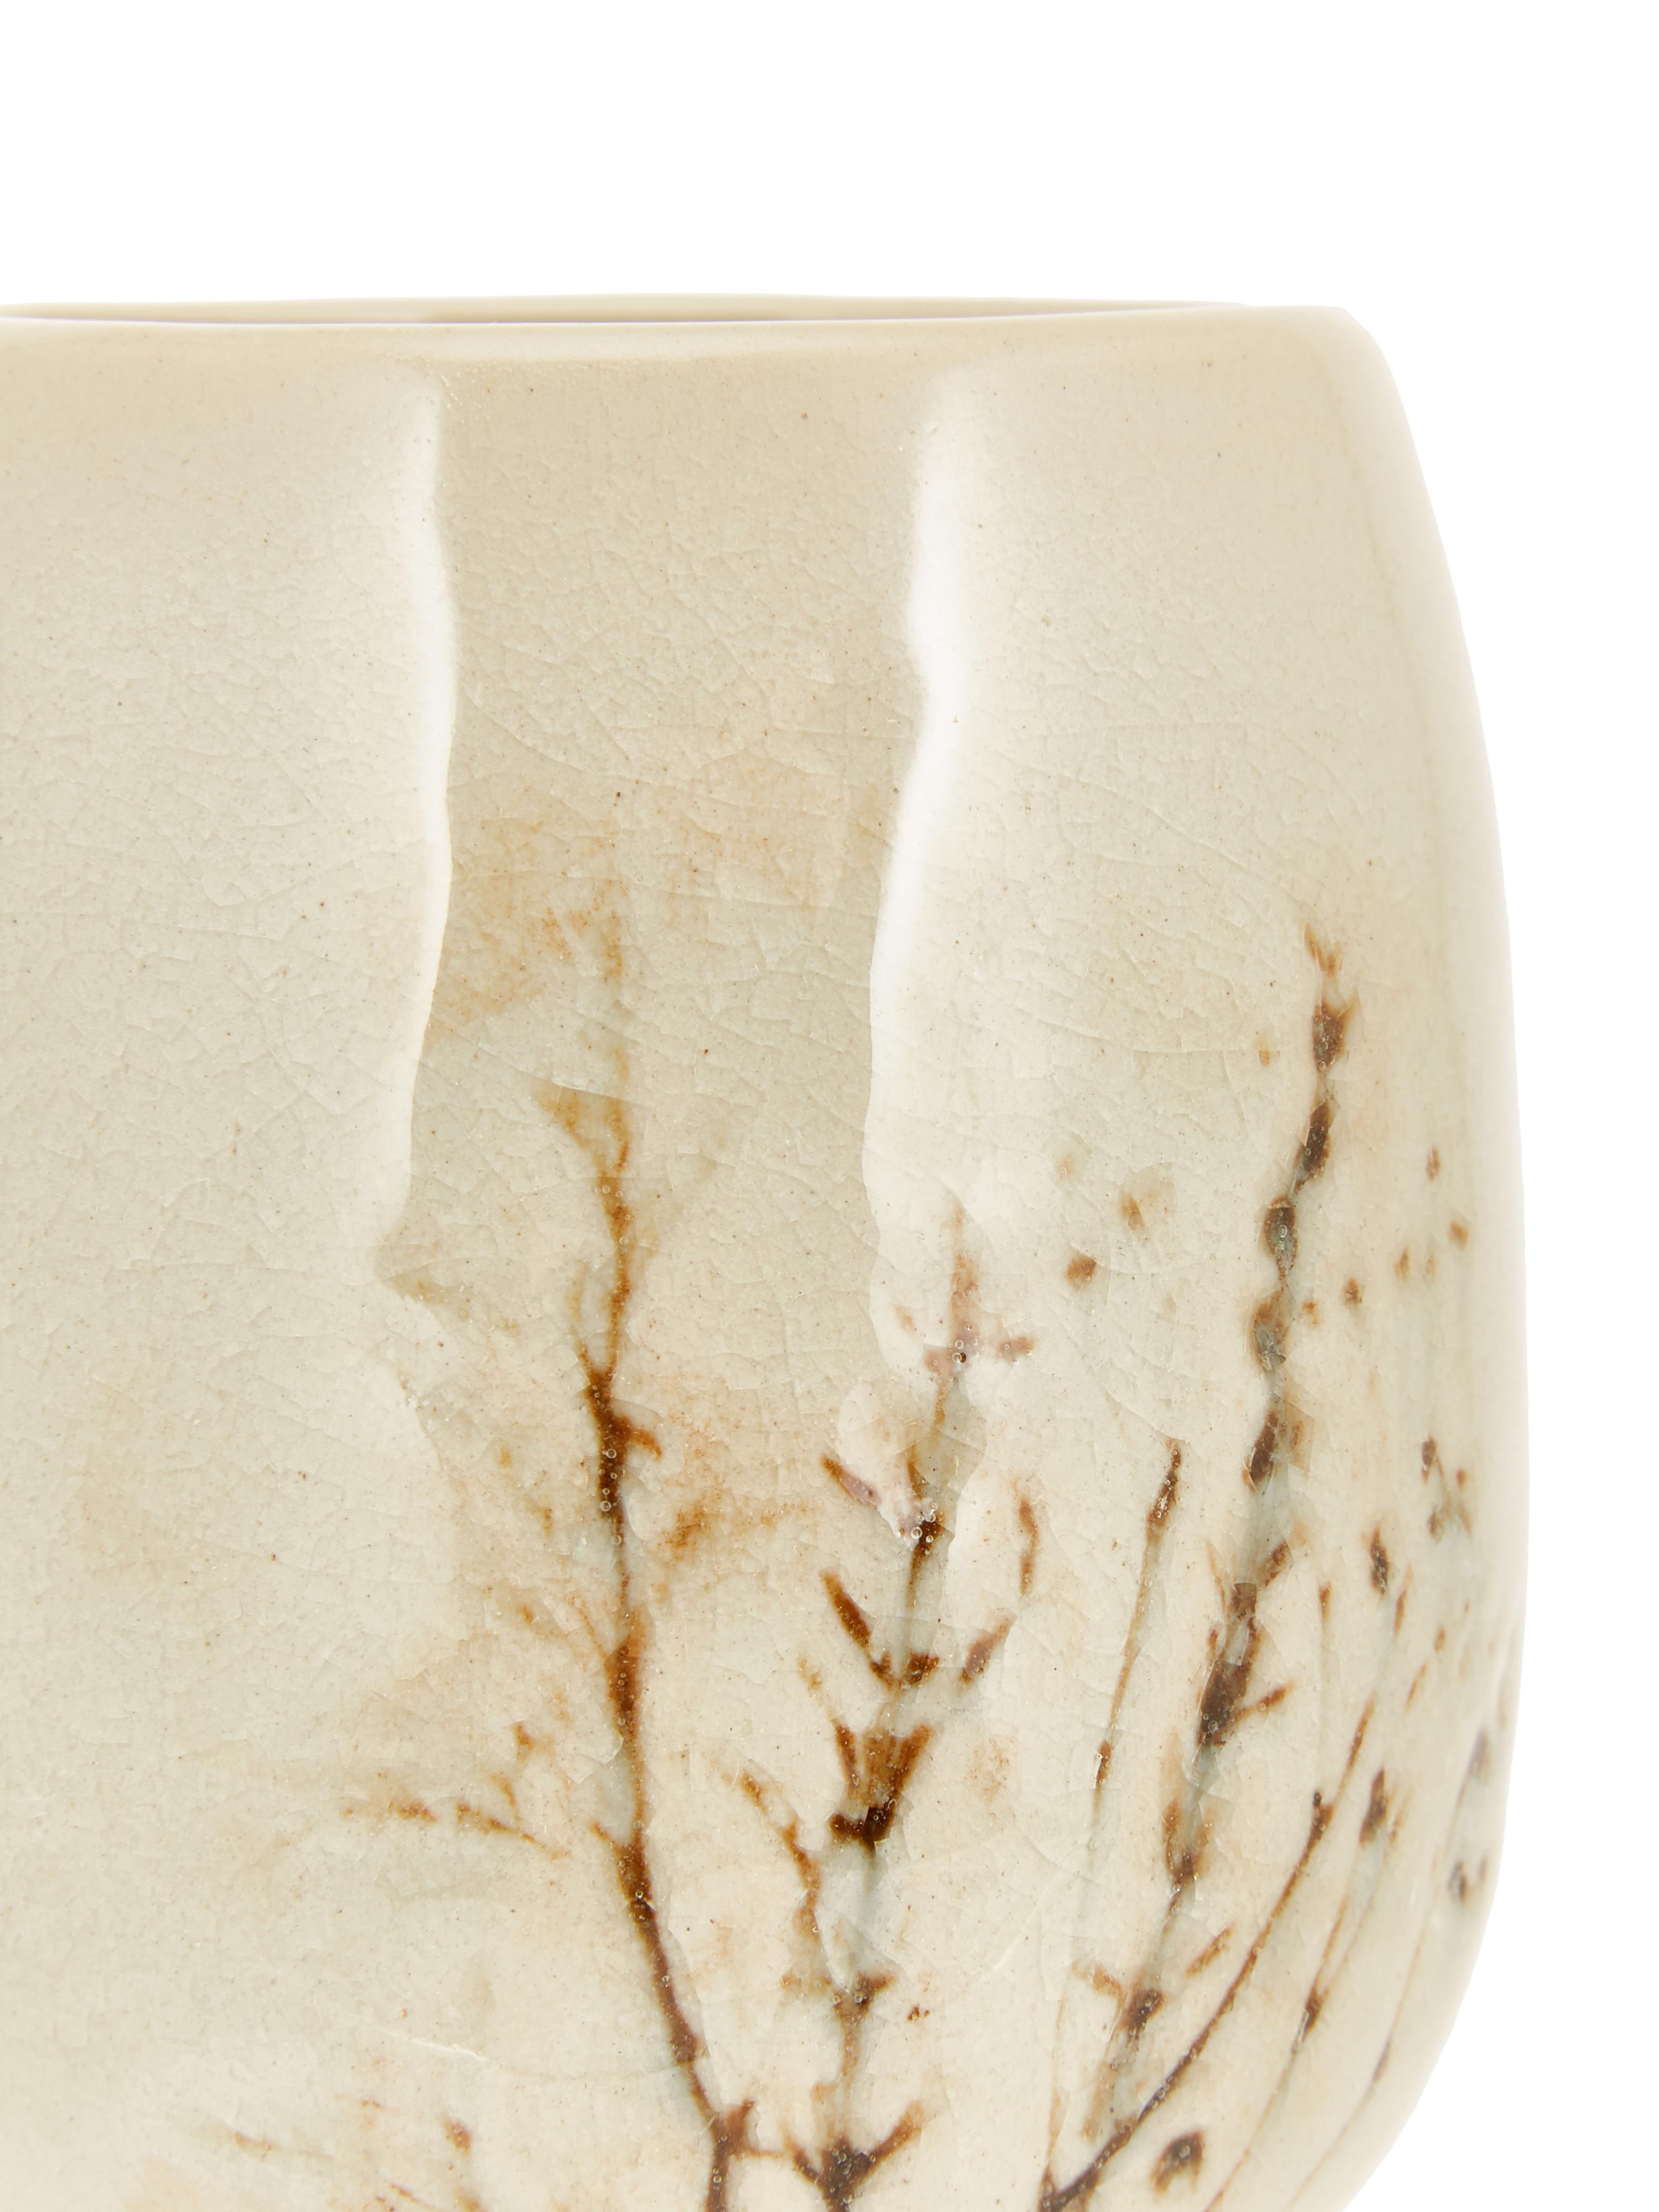 Tazza grande fatta a mano Bea, Terracotta, Beige, multicolore, Ø 10 x Alt. 11 cm